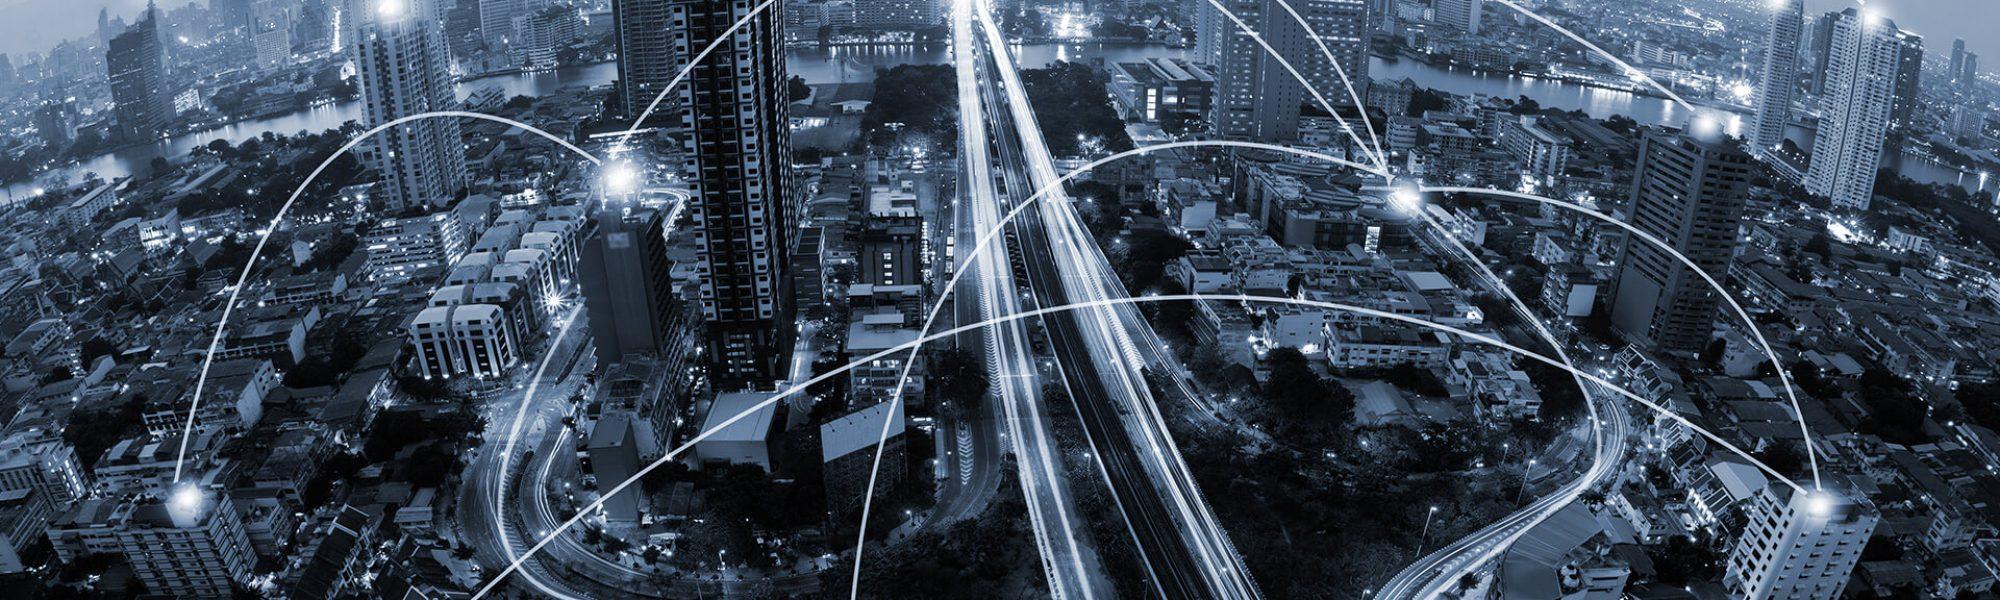 Taggen_cidades_technologicas_02